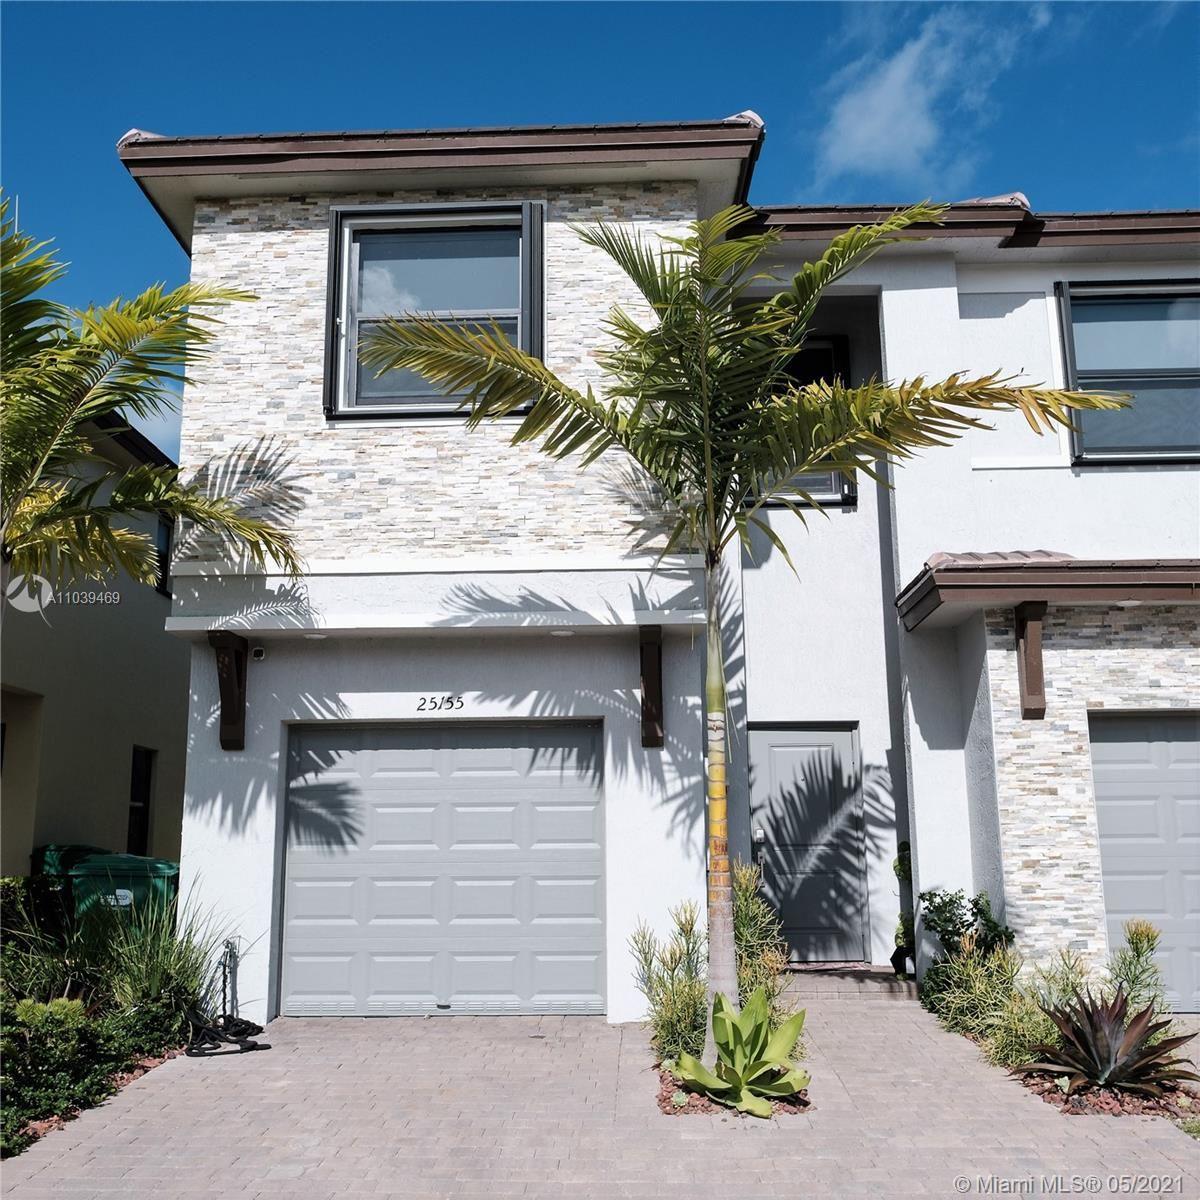 Photo of 25155 SW 107th Ct, Miami, FL 33032 (MLS # A11039469)